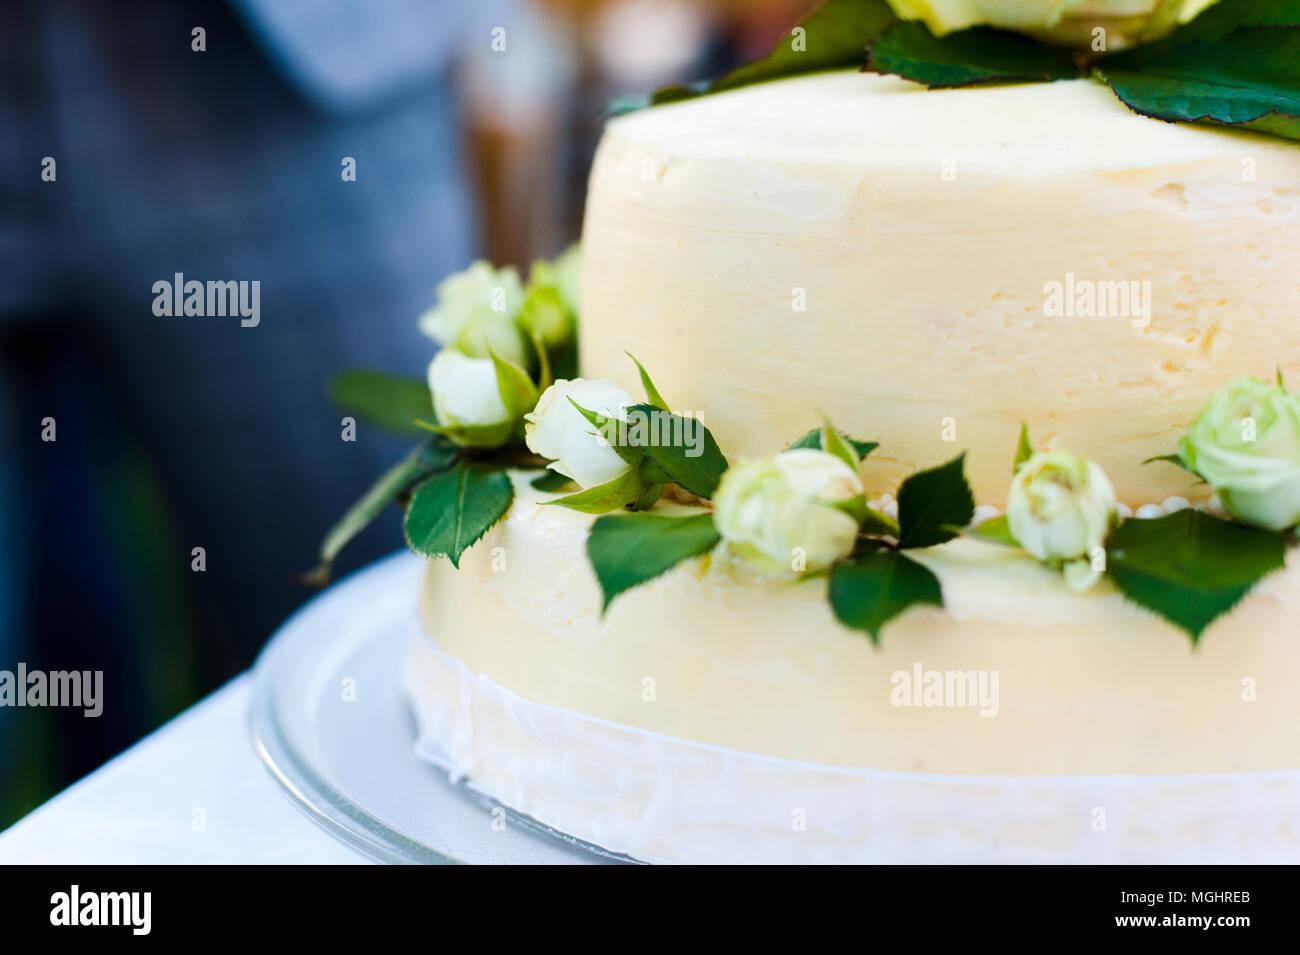 Weisse Hochzeitstorte Mit Weissen Rosen Stockfoto Bild 182329795